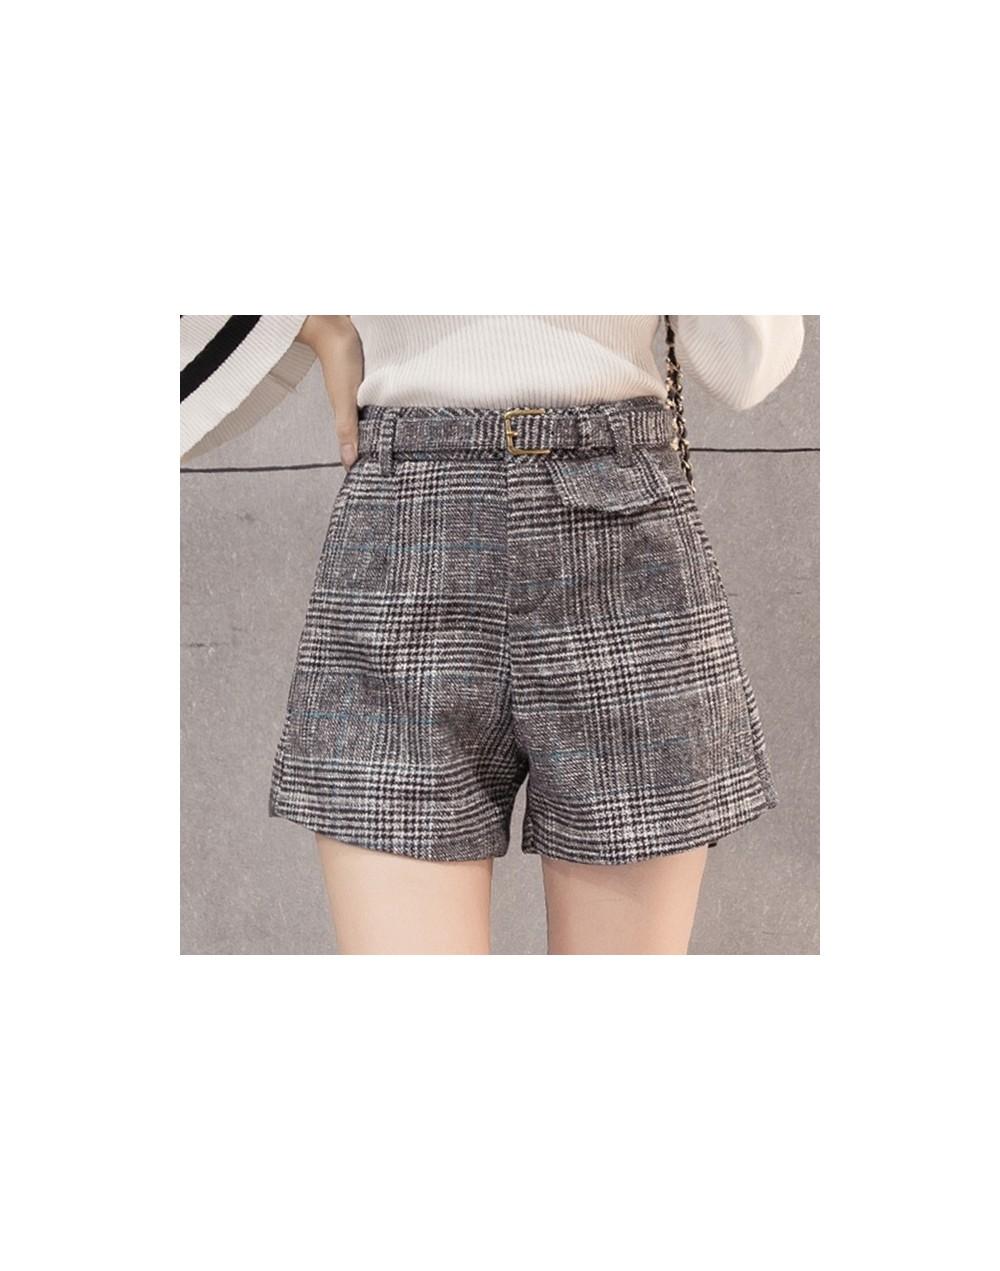 Woolen plaid shorts women autumn winter outerwear wide leg high waist short mujer office work wear ladies shorts woman short...